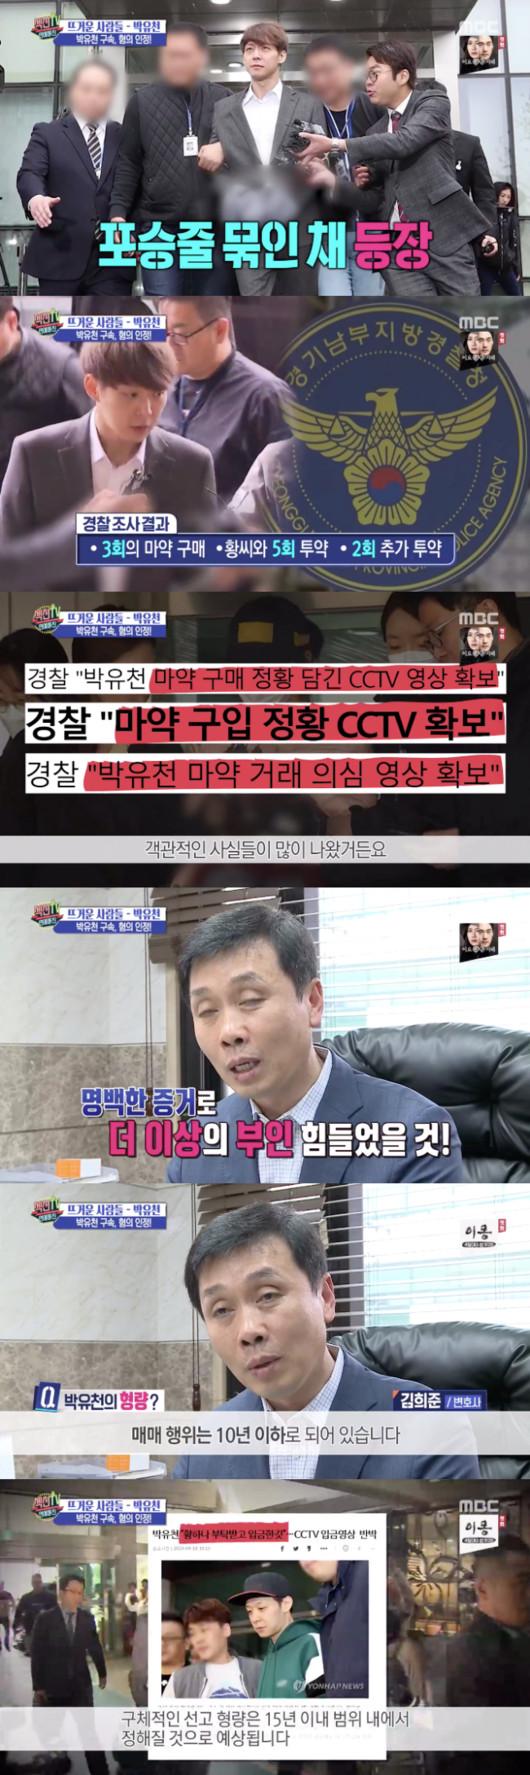 Luật sư cho hay Yoochun có thể đối mặt với bản án tới 15 năm tù